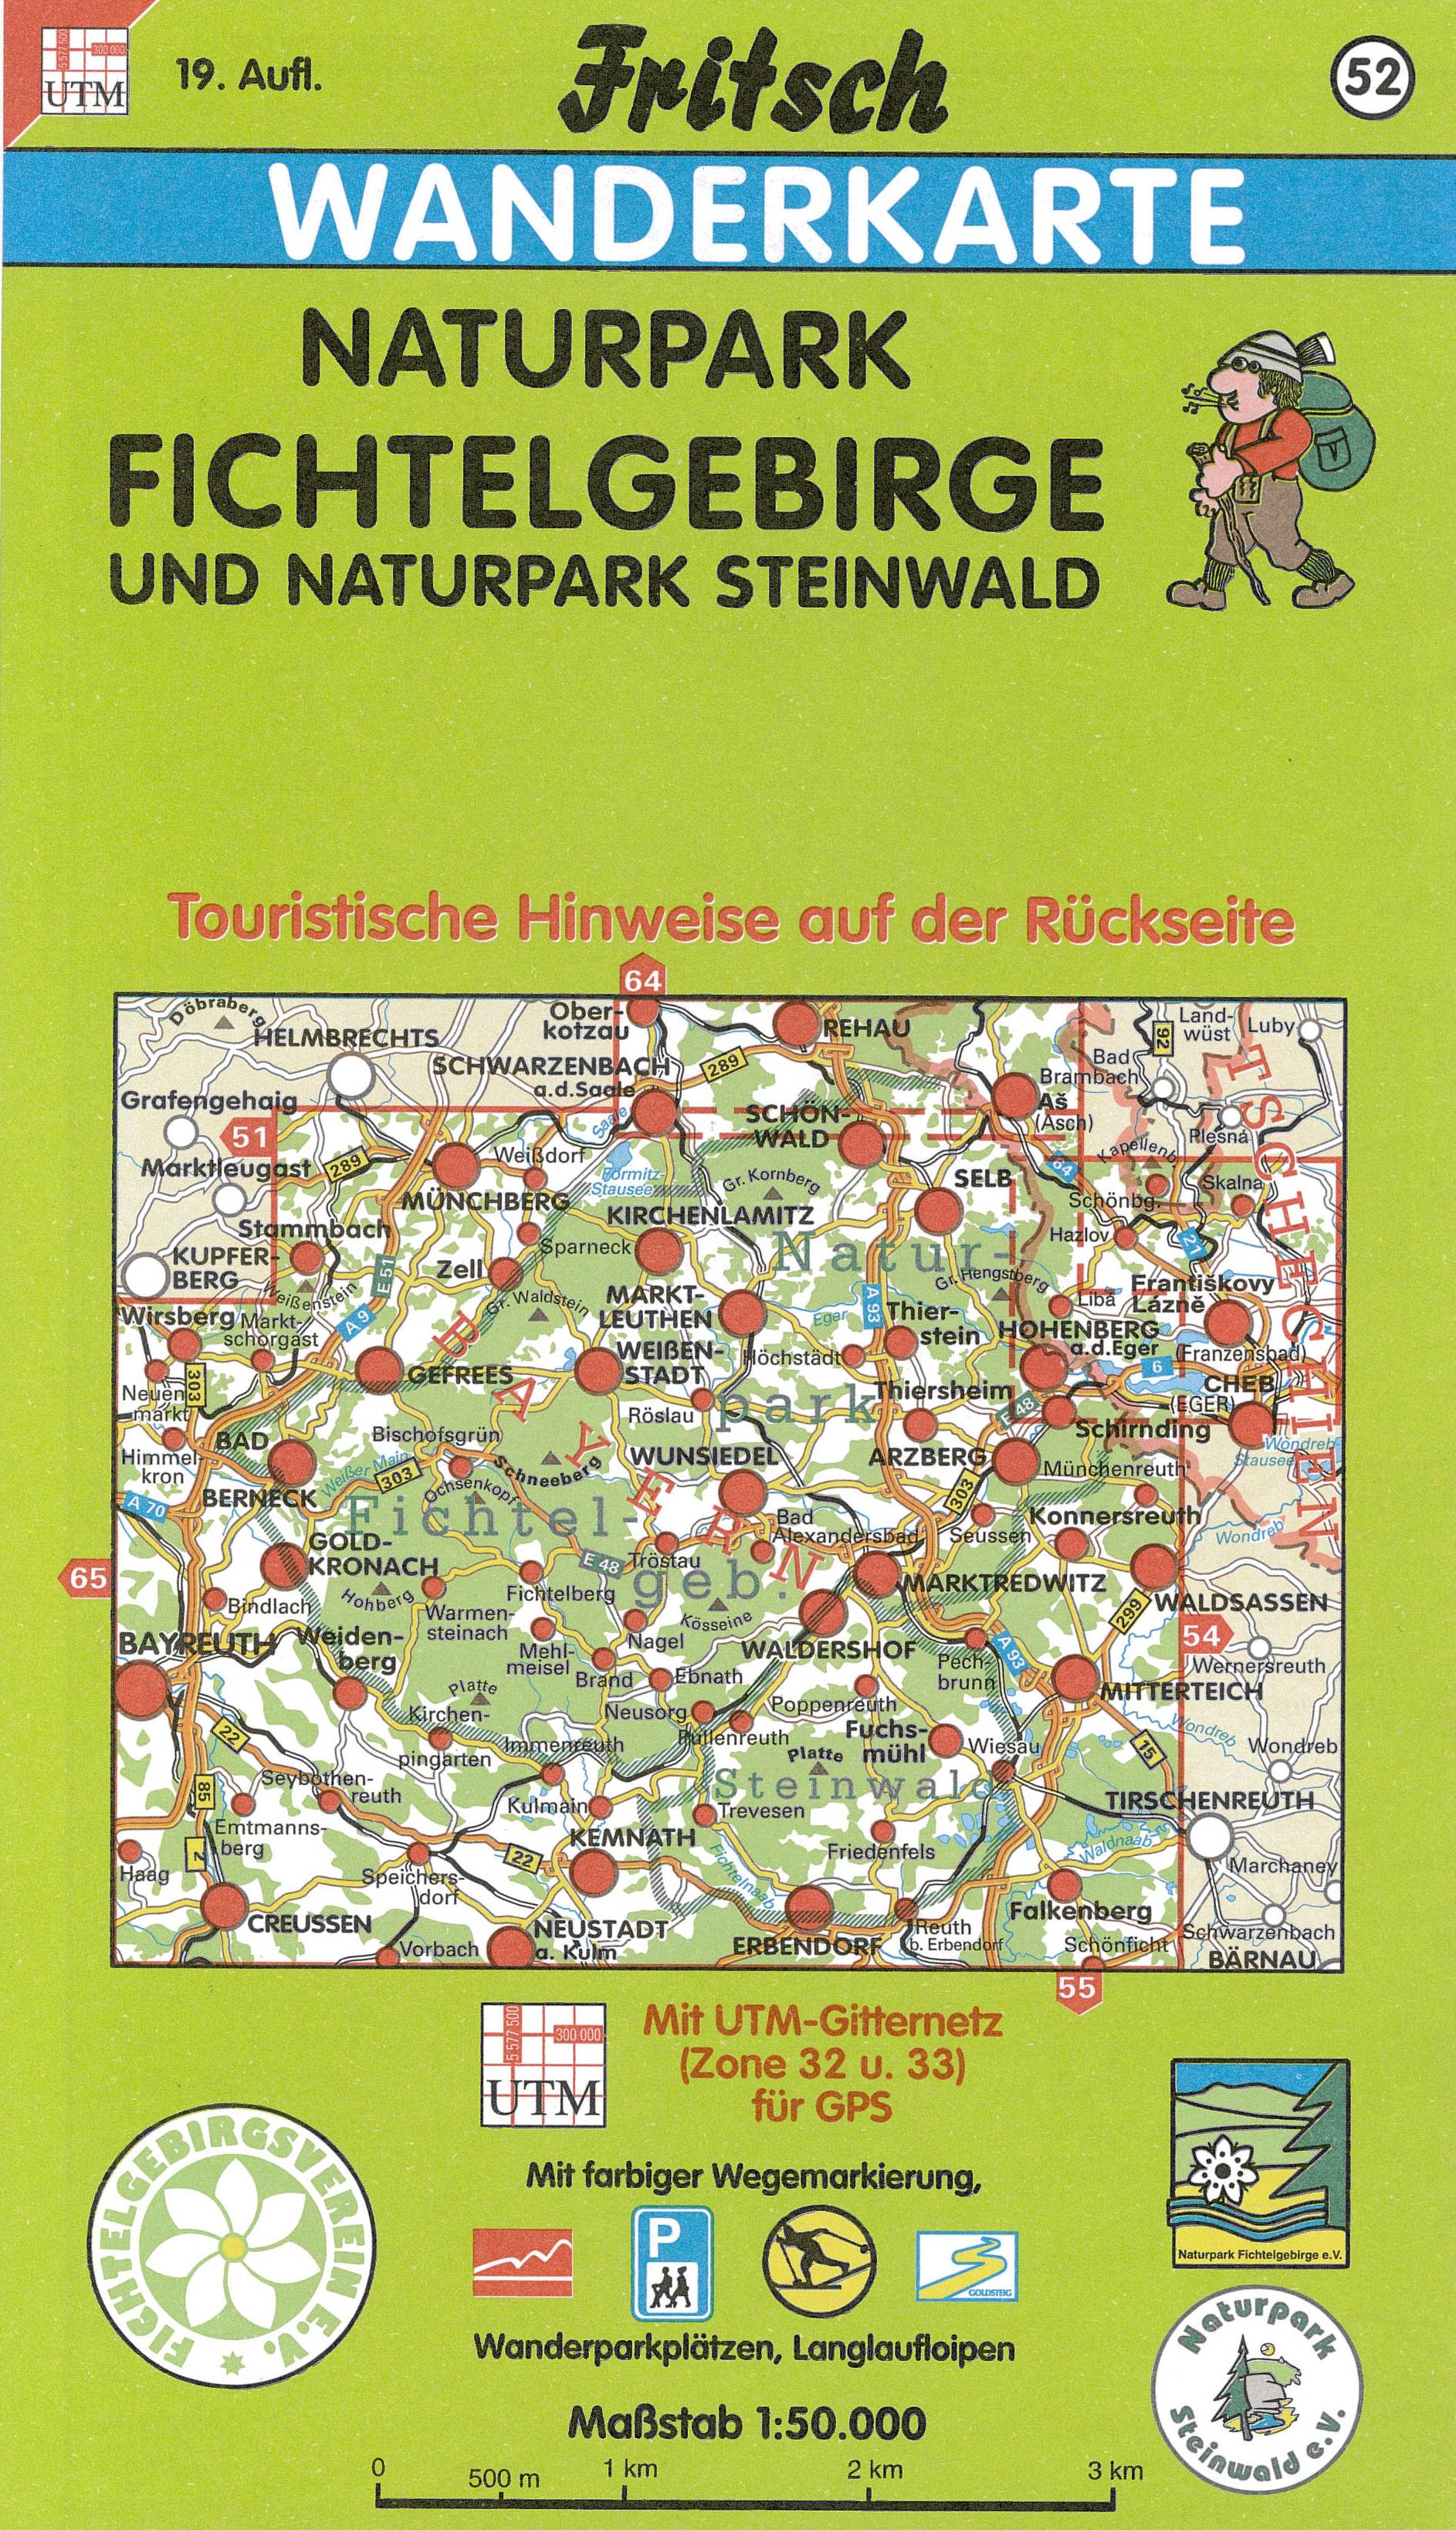 Fritsch Wanderkarte Naturpark Fichtelgebirge